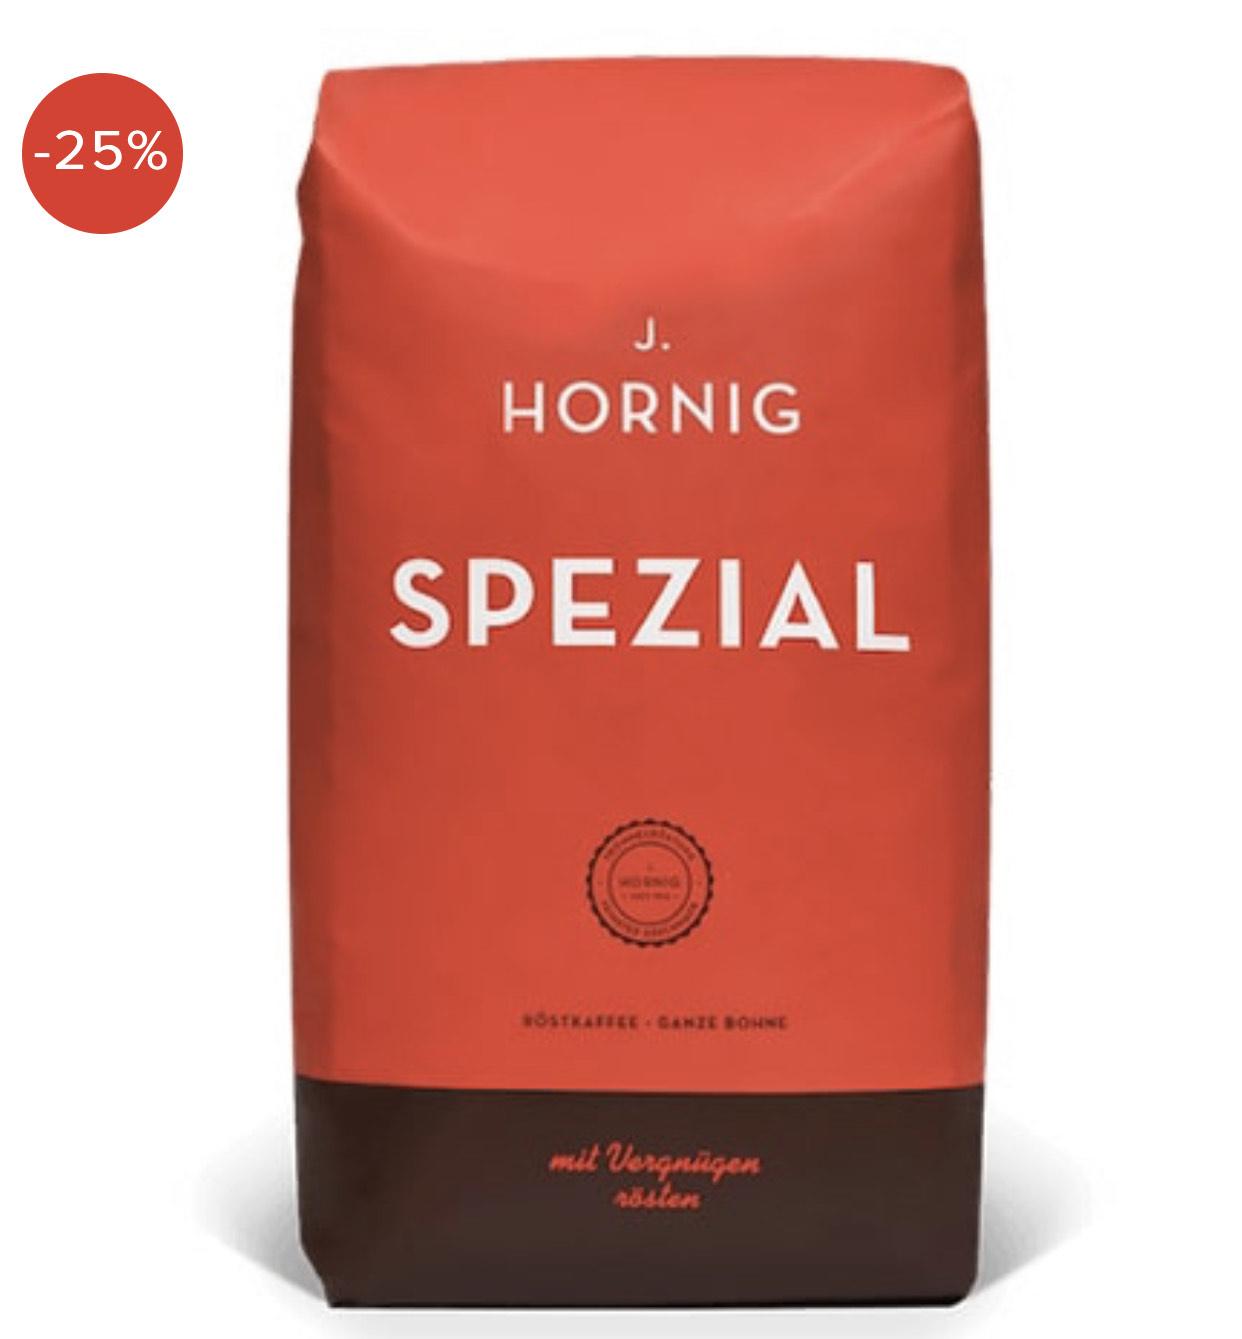 Hornig Spezial - 25%